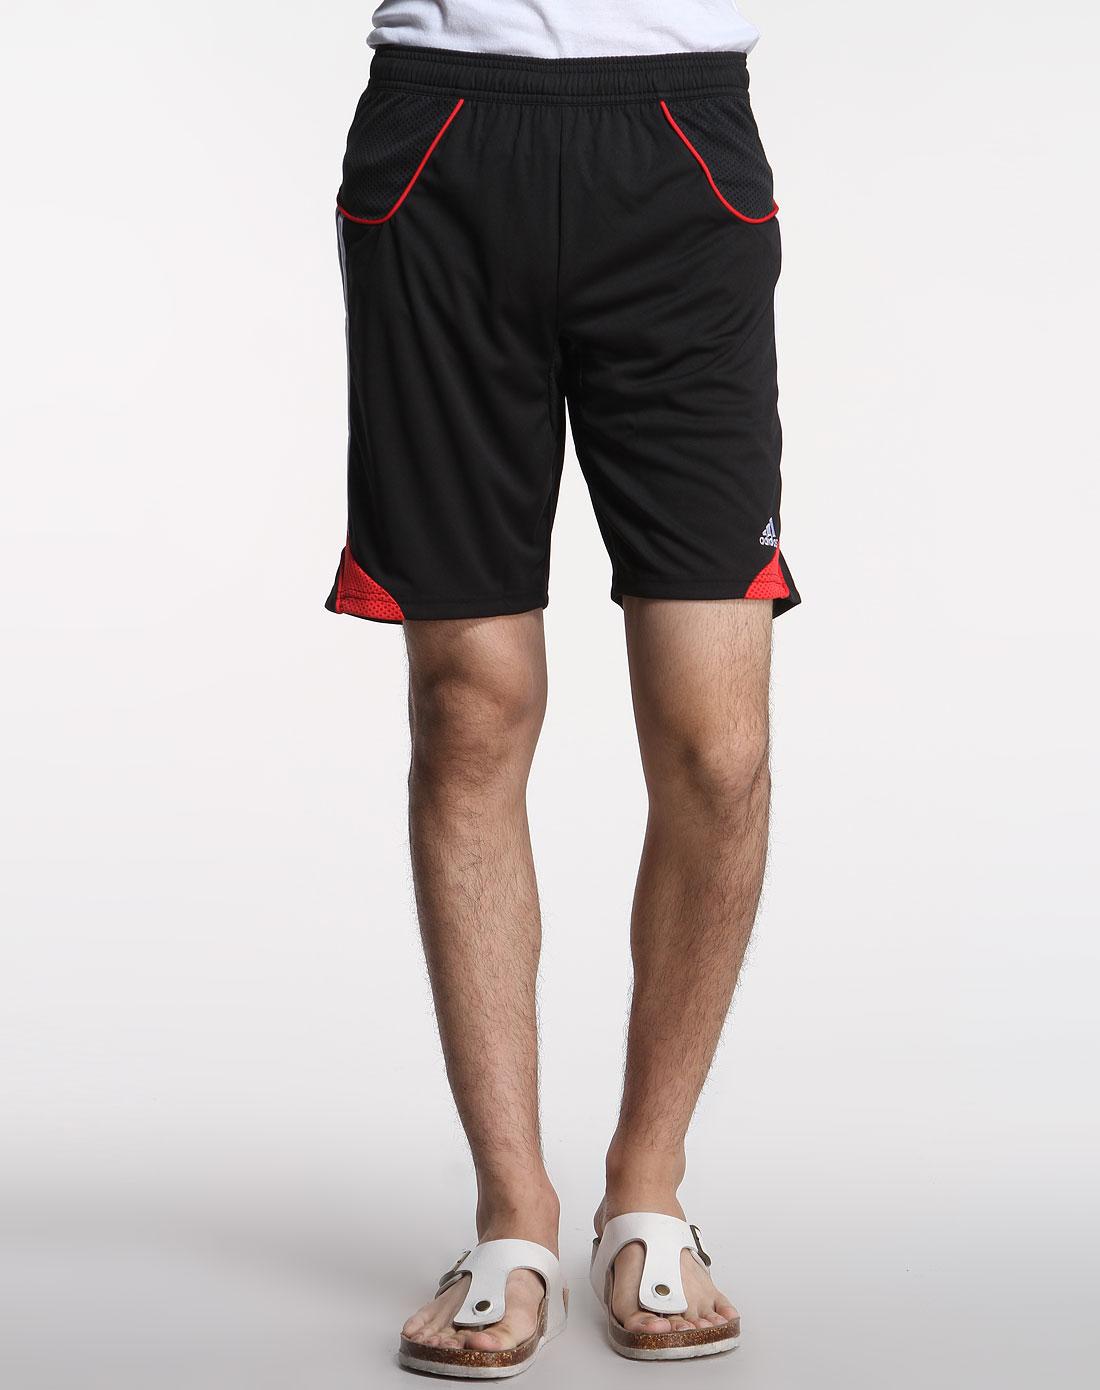 阿迪达斯adidas男装专场-男款黑红色短裤